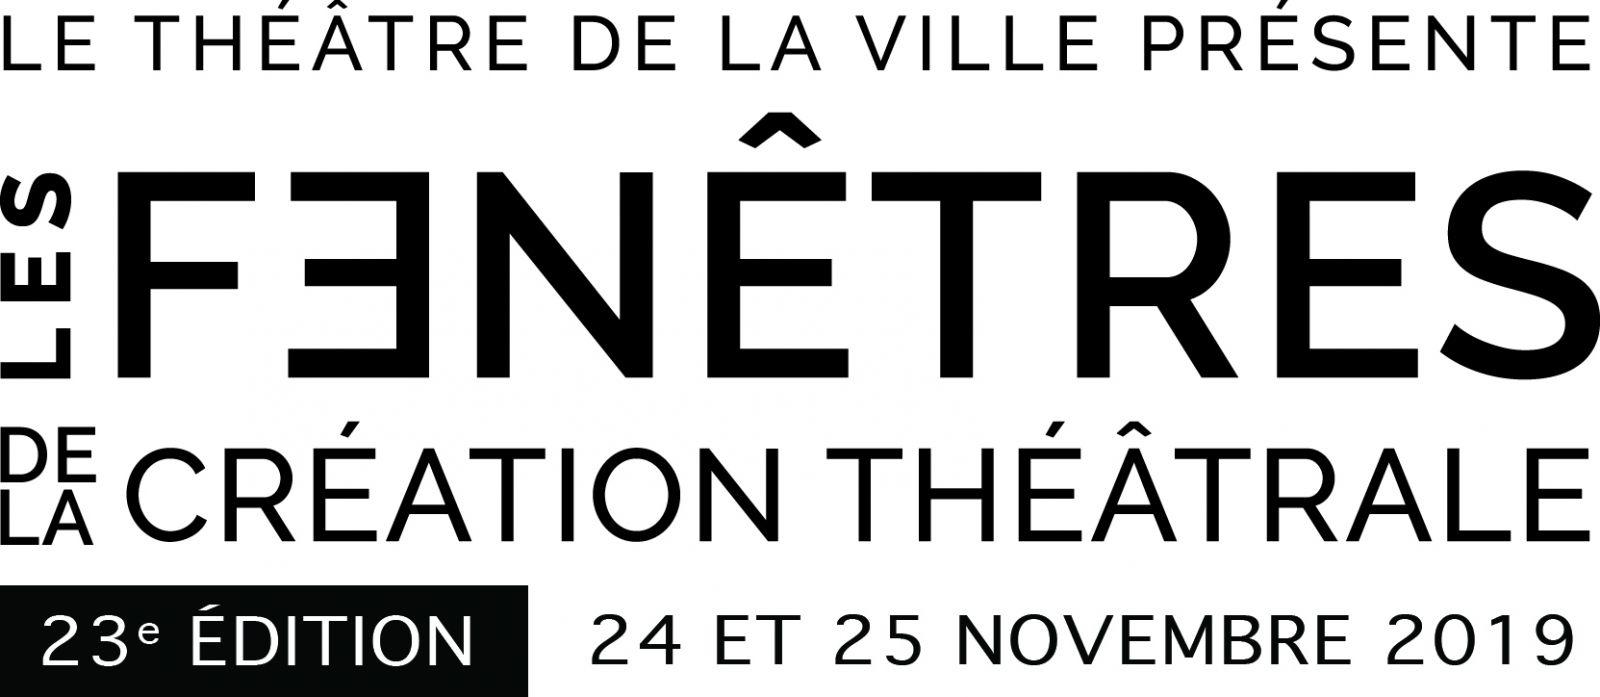 Le theatre de la ville pr?sente les fenetres de la creation theatrale